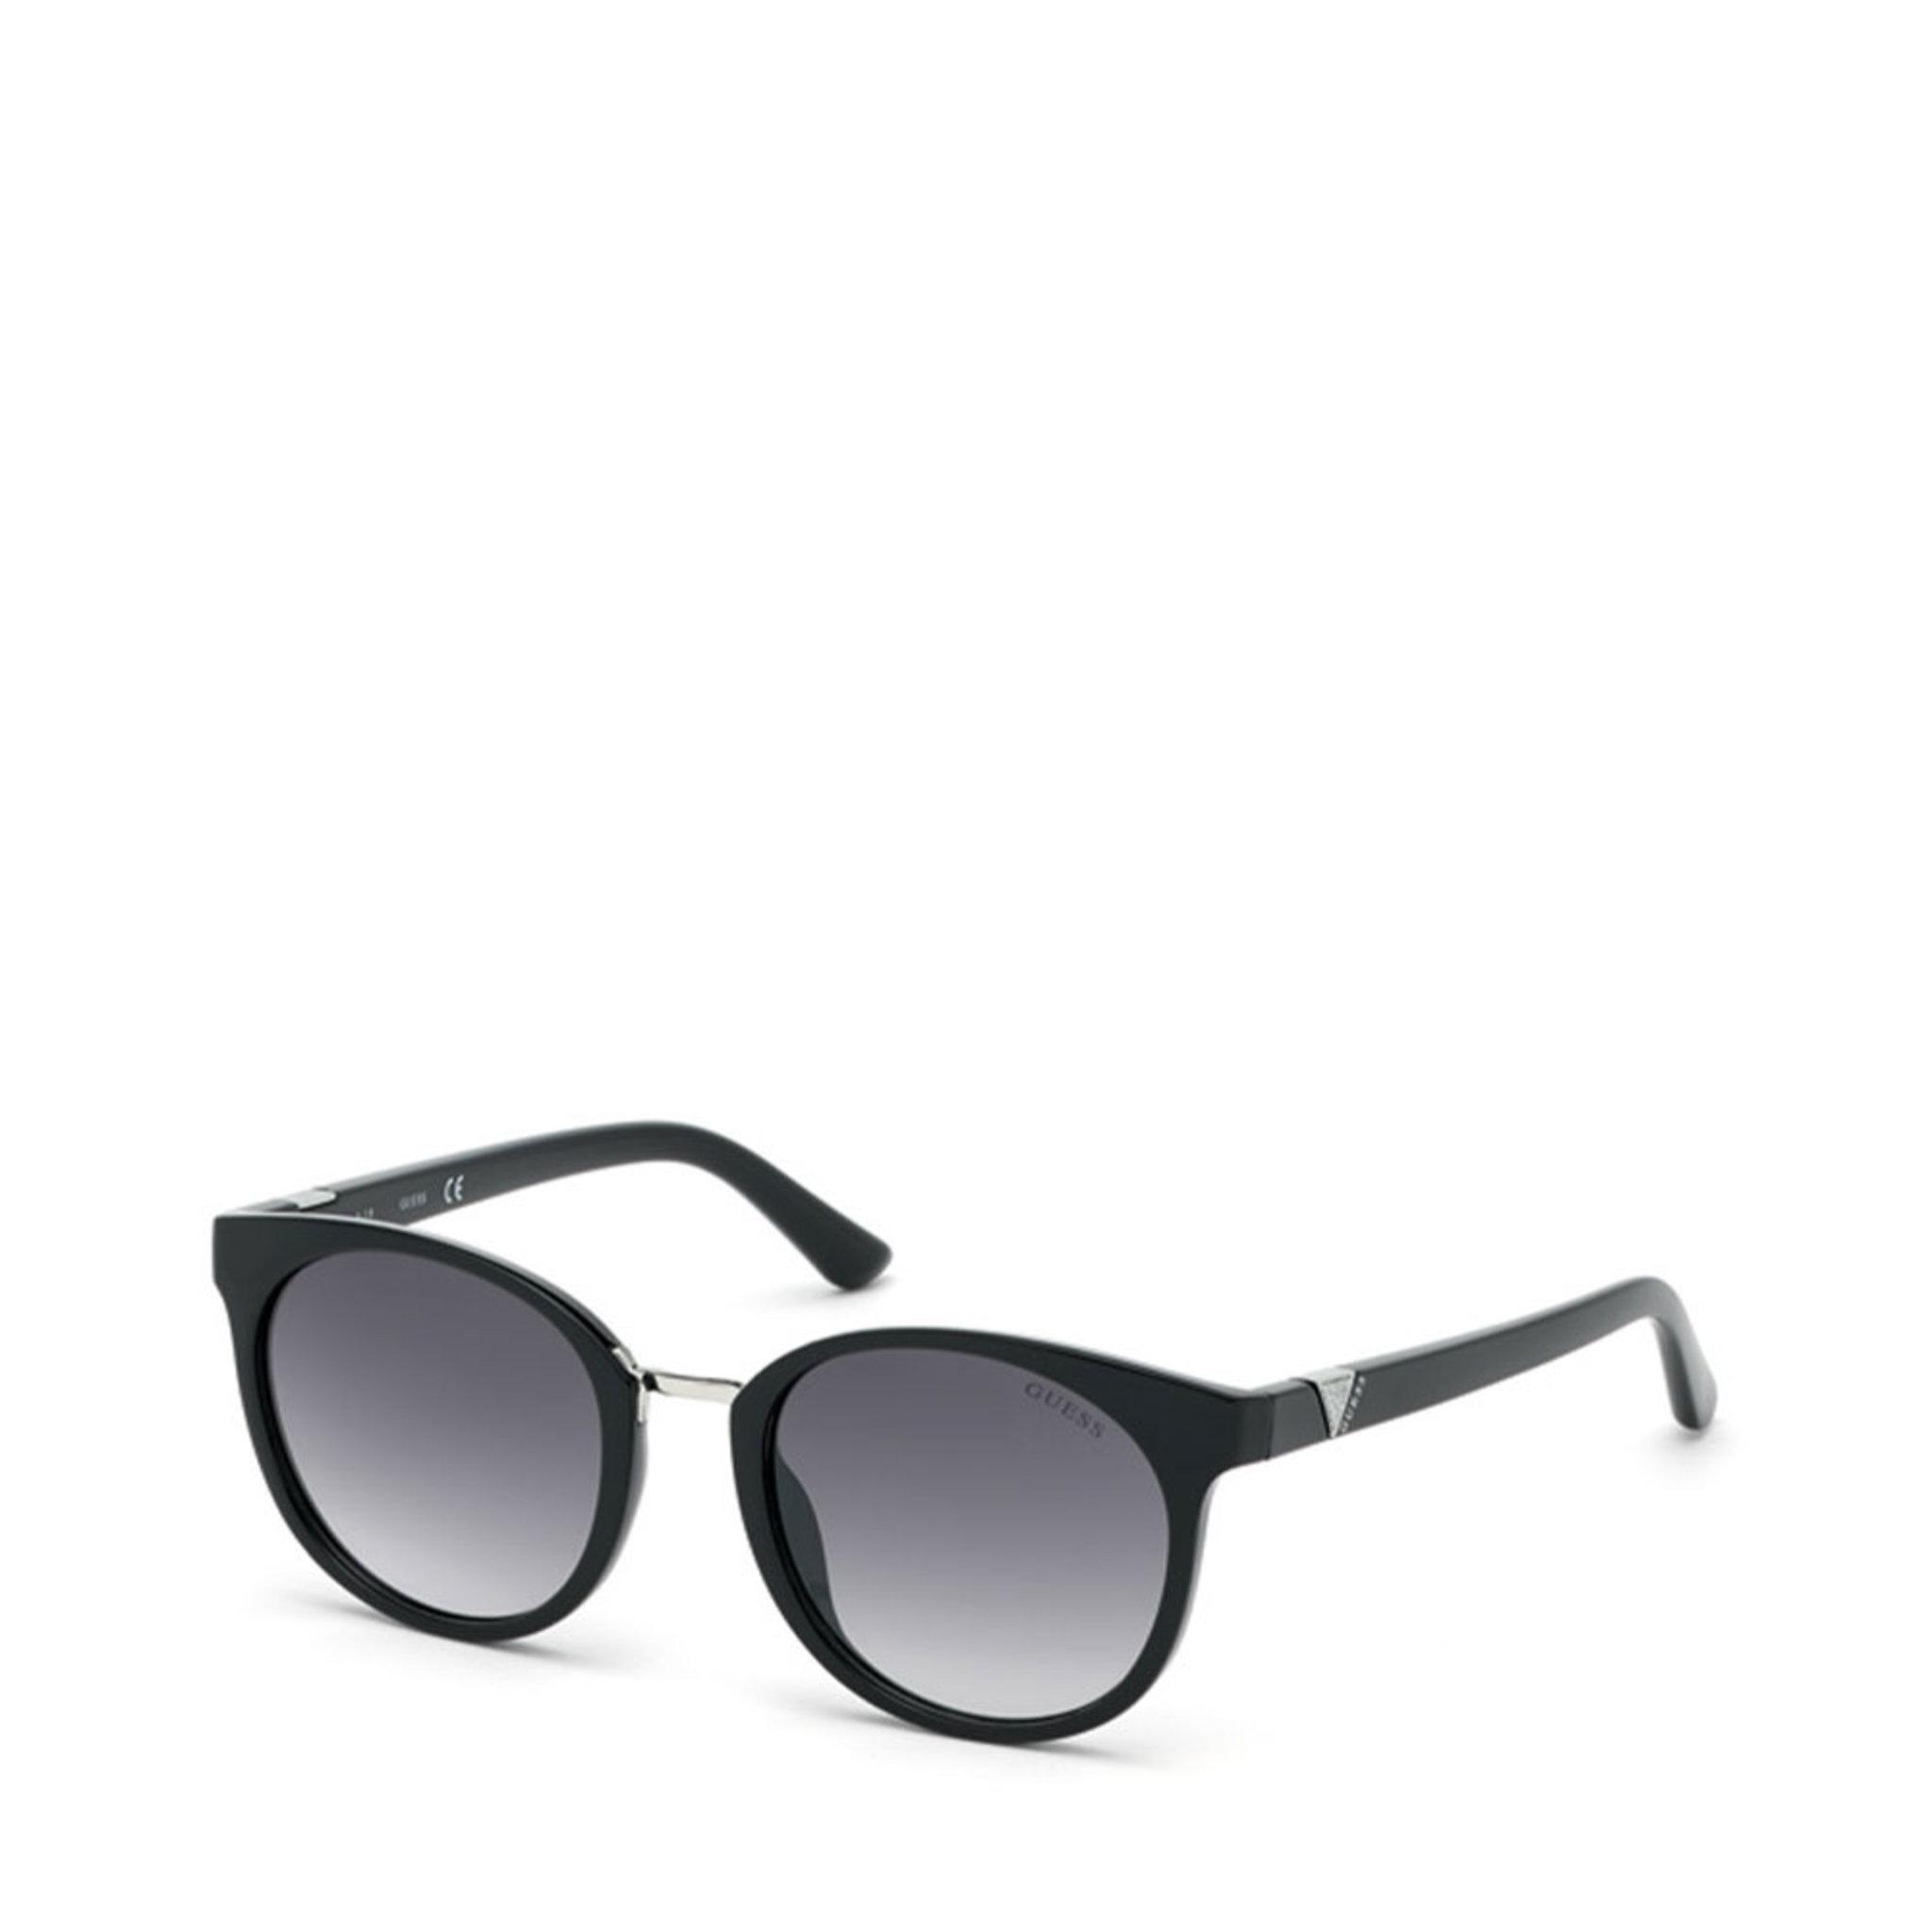 Sunglasses GU7601